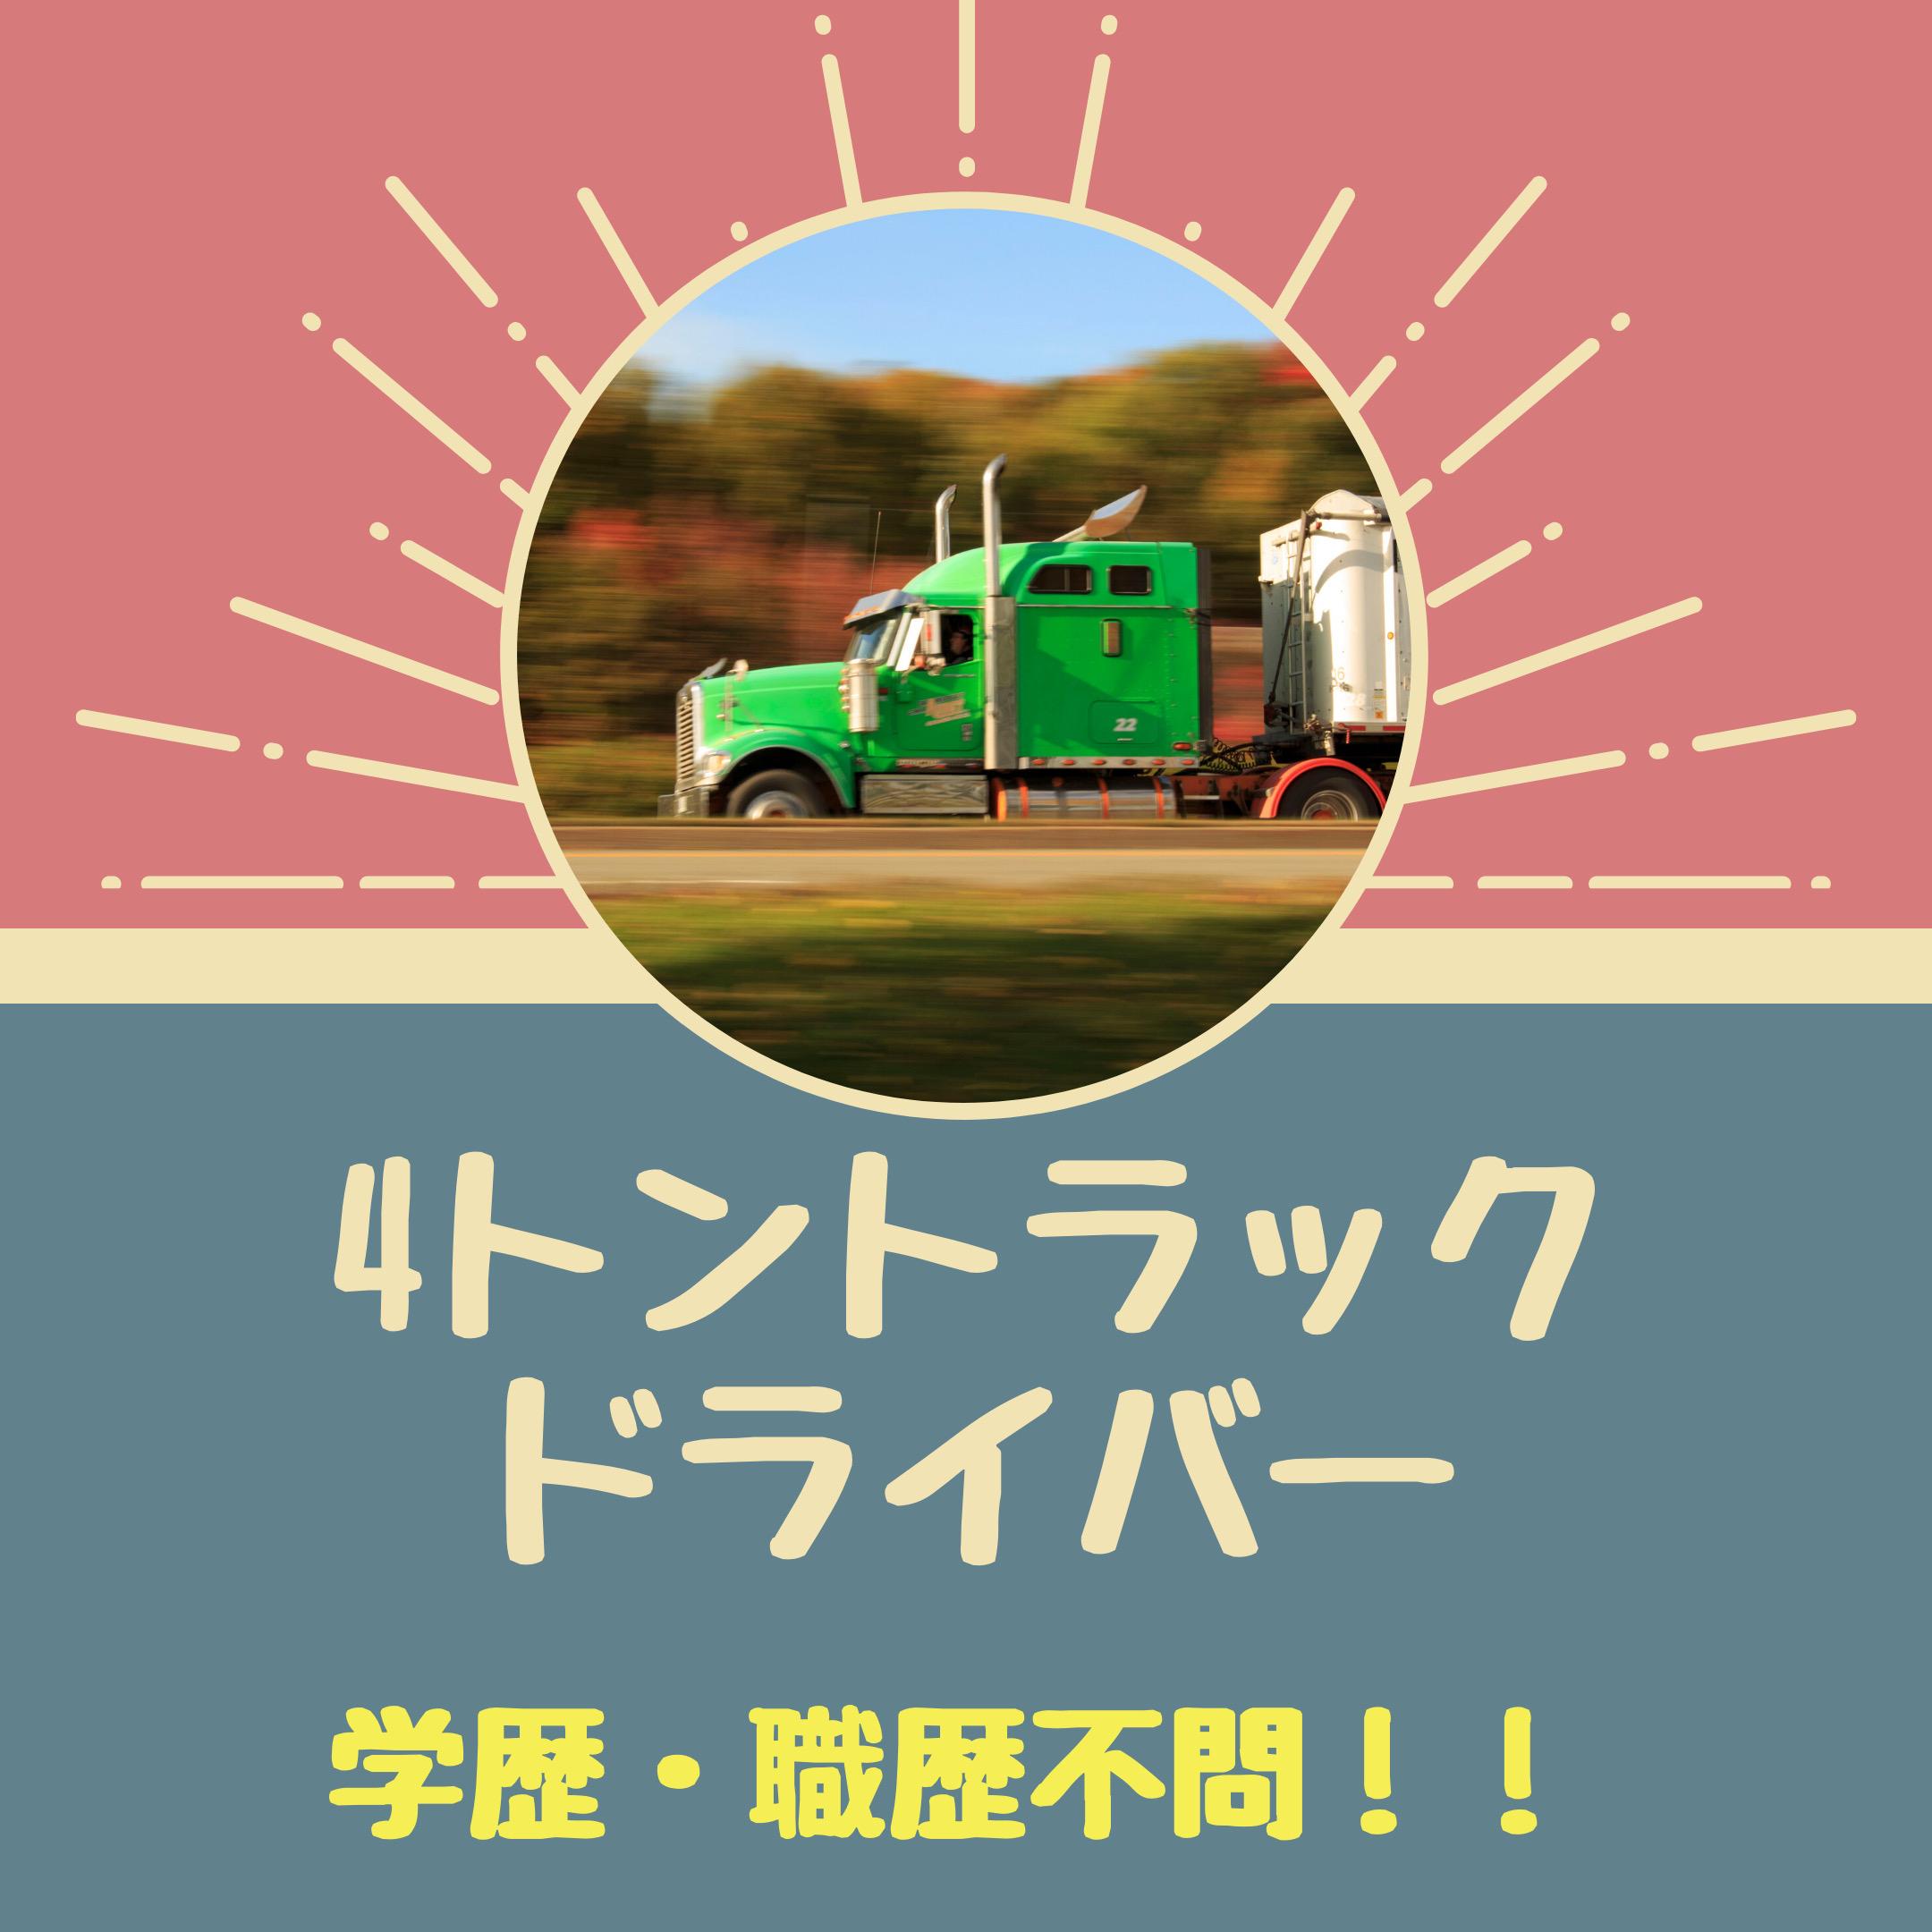 正社員・4トントラックドライバー!土、日、祝日休みでプライベート充実♪ イメージ